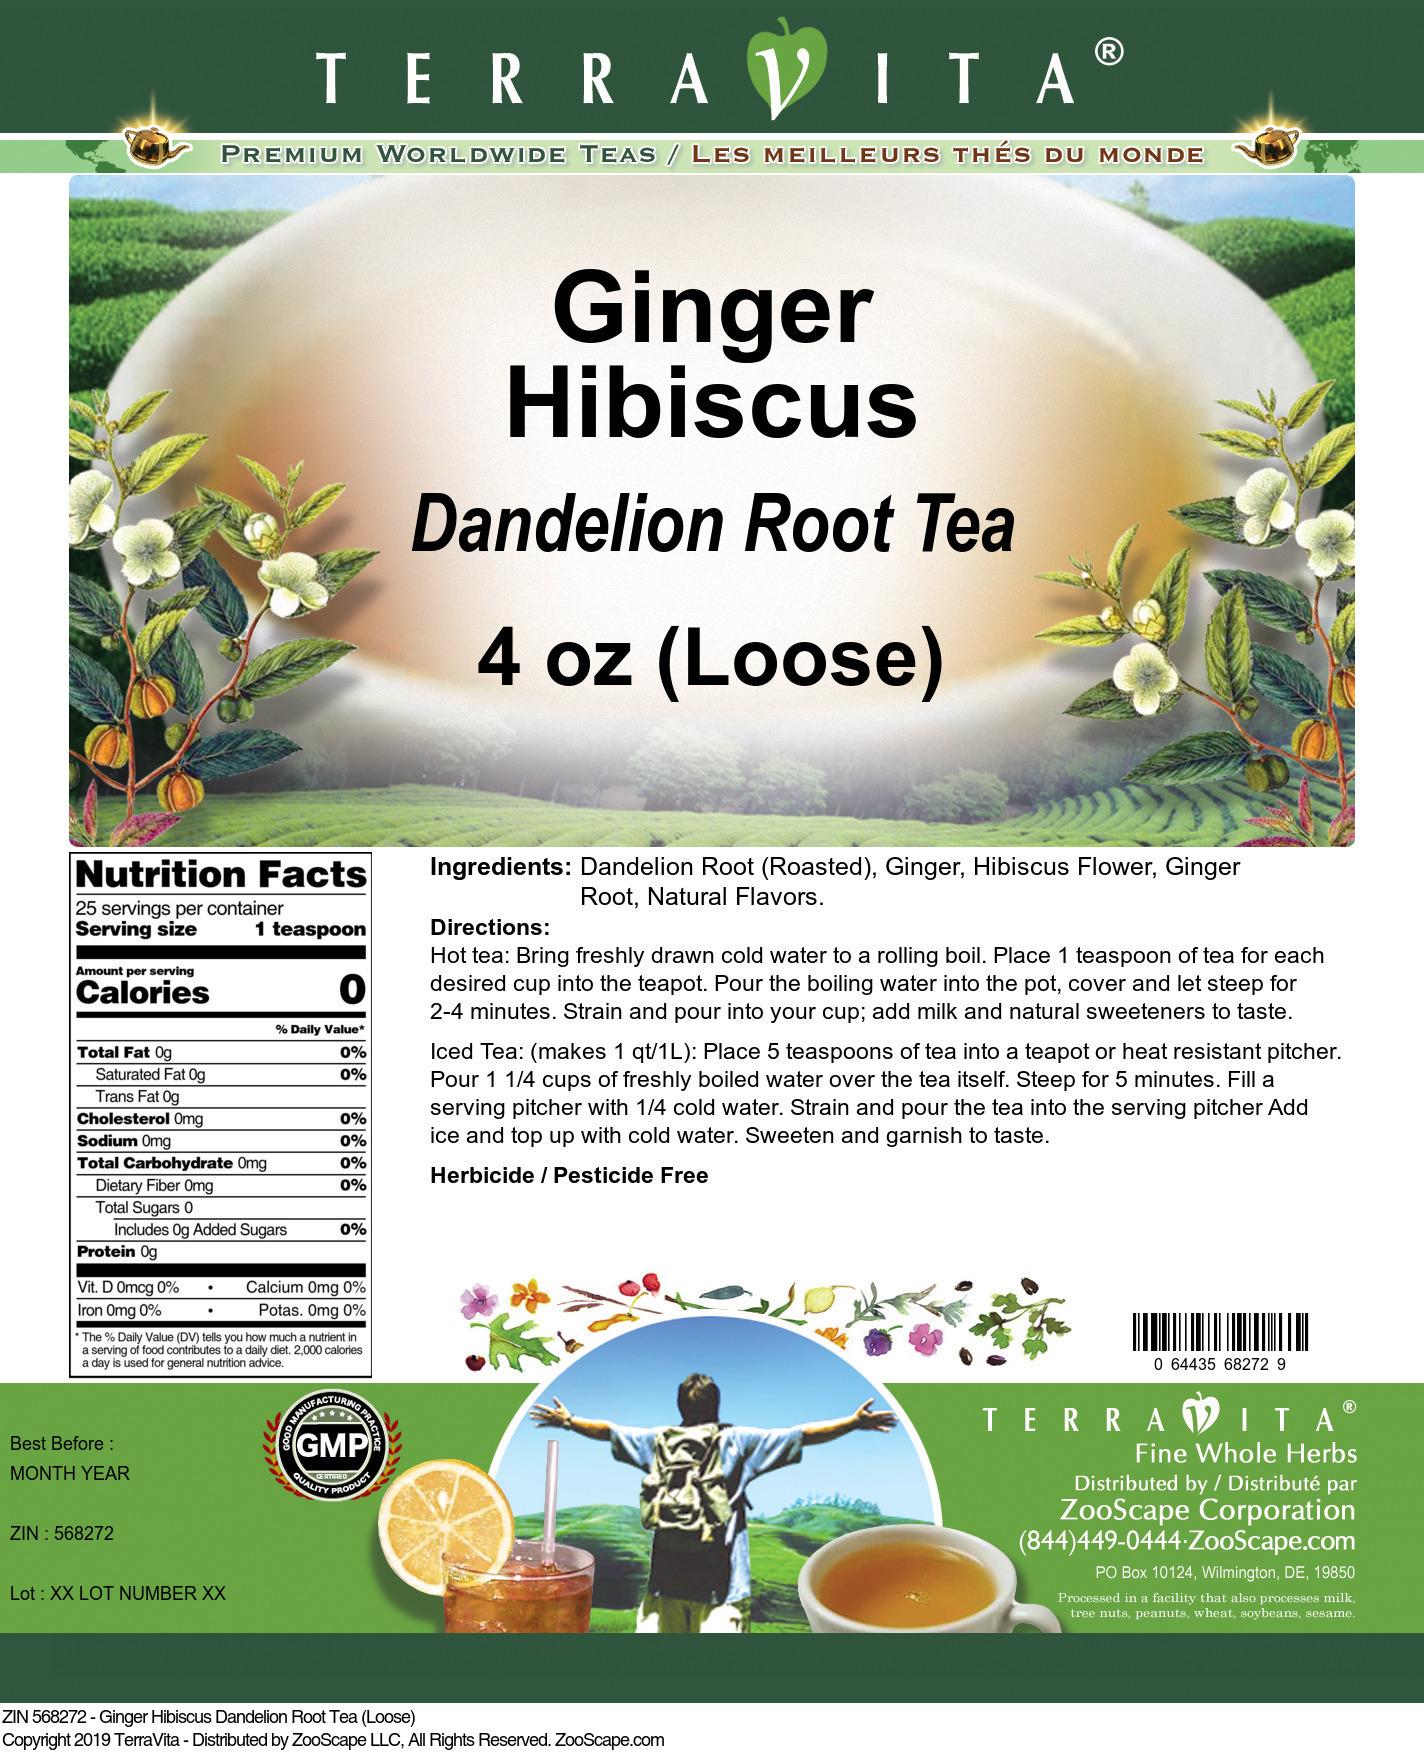 Ginger Hibiscus Dandelion Root